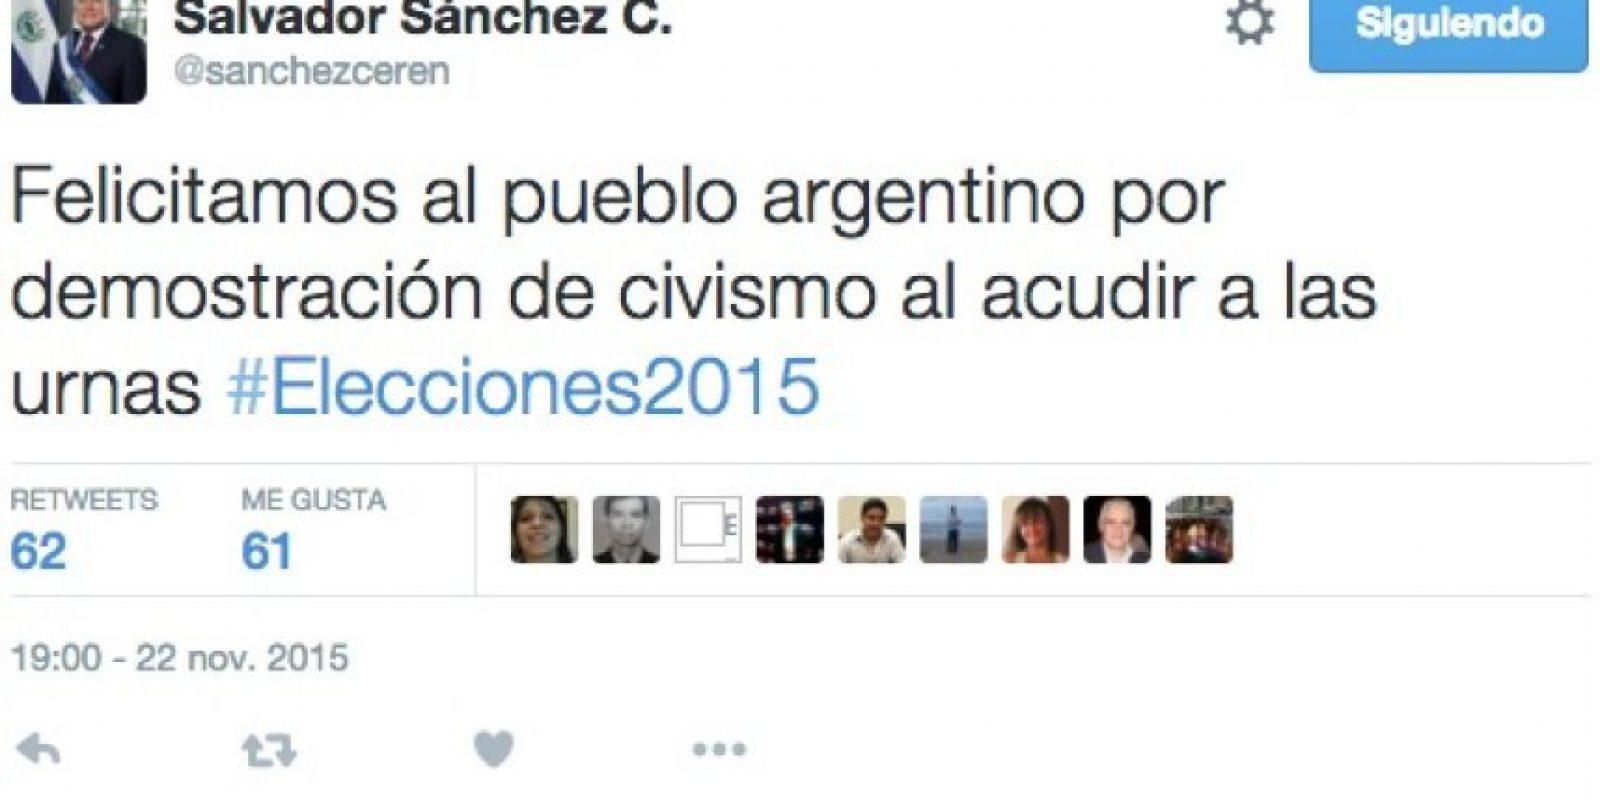 Salvador Sánchez Cerén, presidente de Honduras Foto:Twitter.com